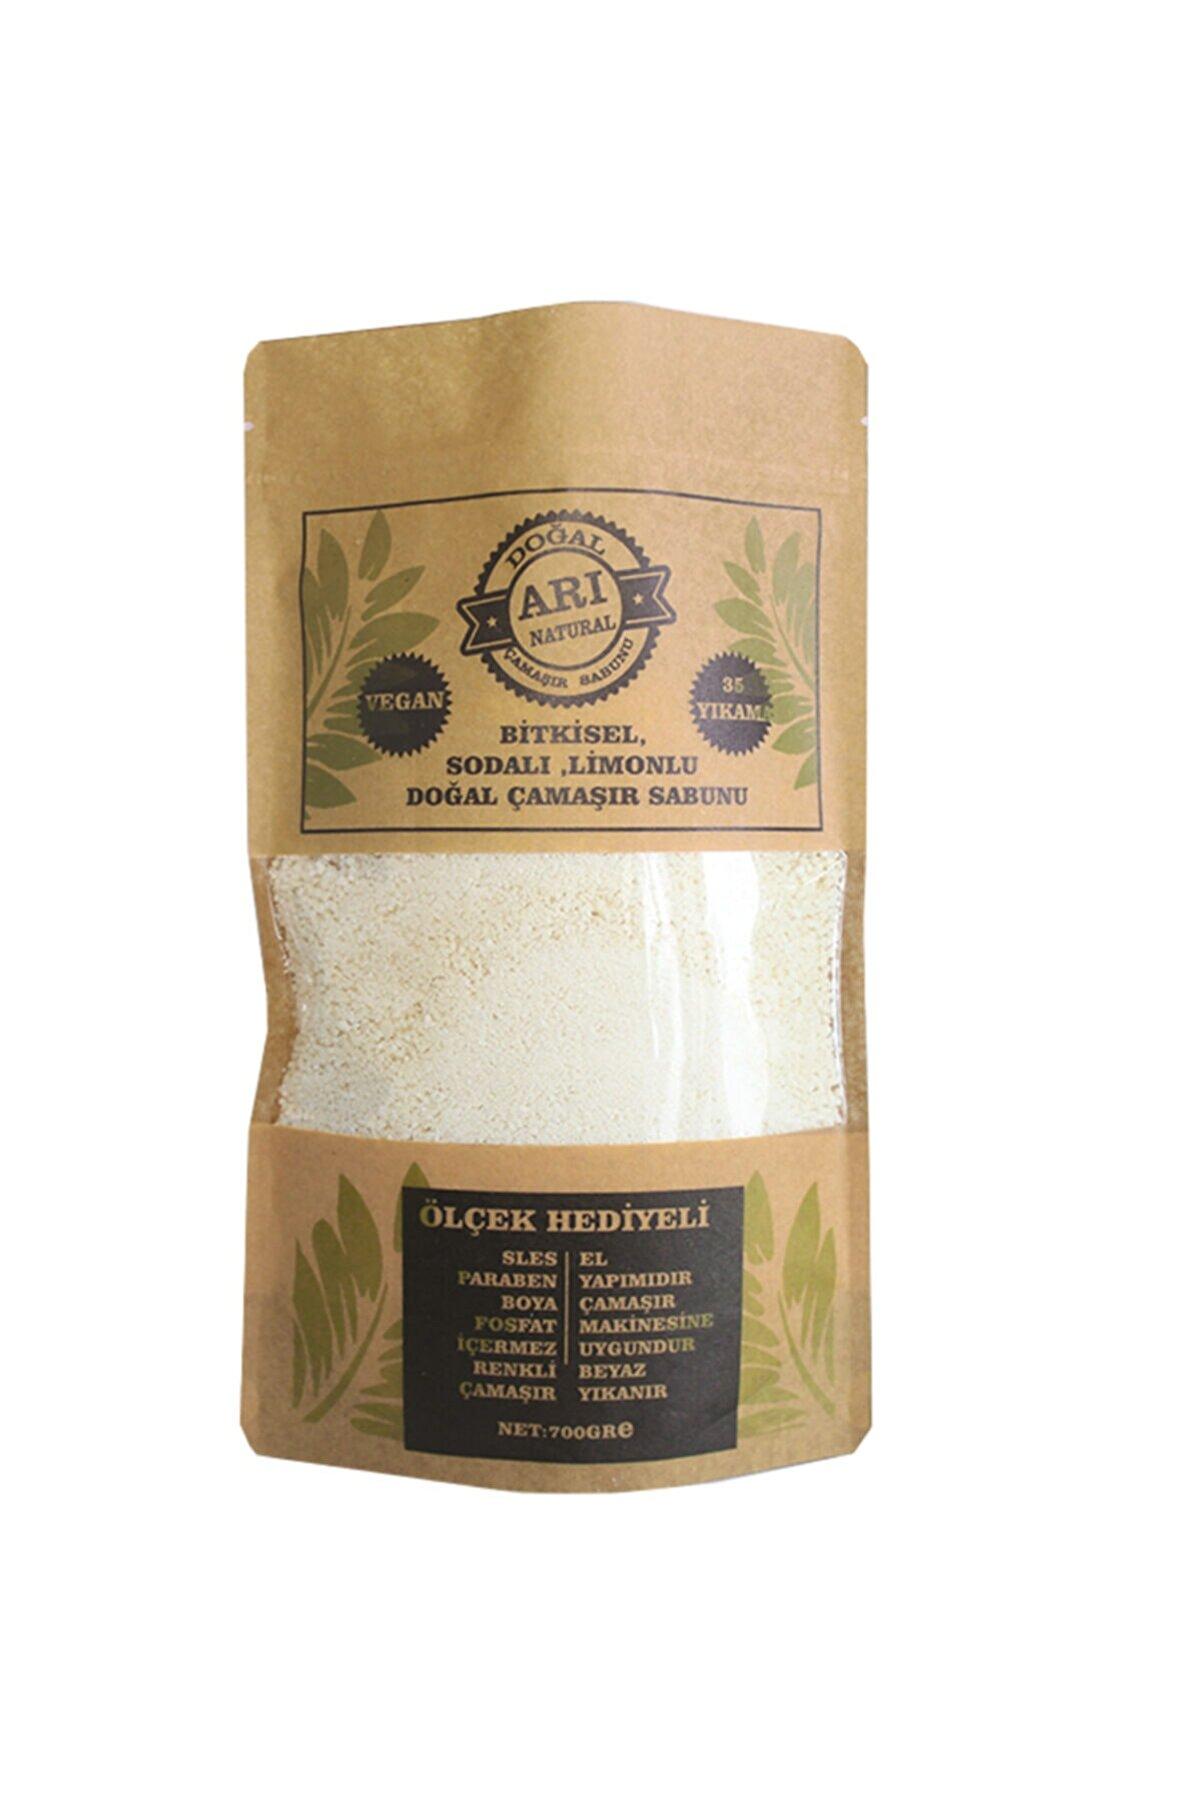 ARI NATURAL Doğal Çamaşır Sabunu Limonlu Sodalı Borakslı